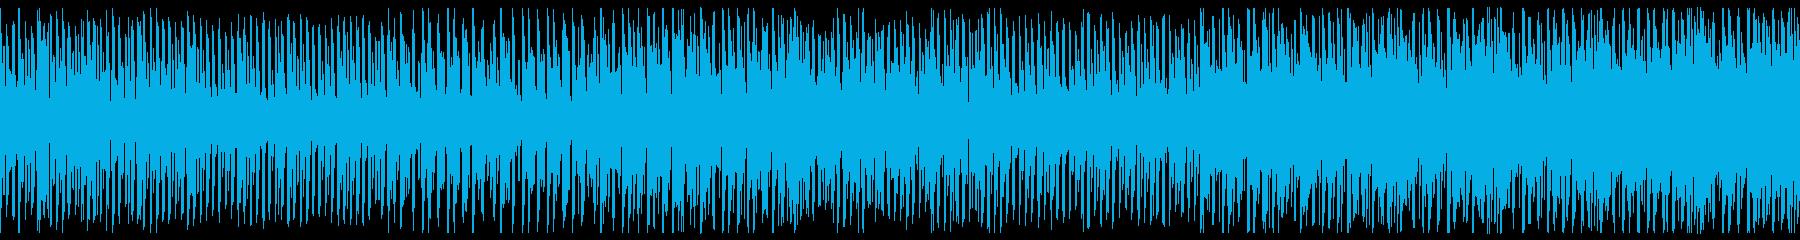 ループ バージョンの再生済みの波形